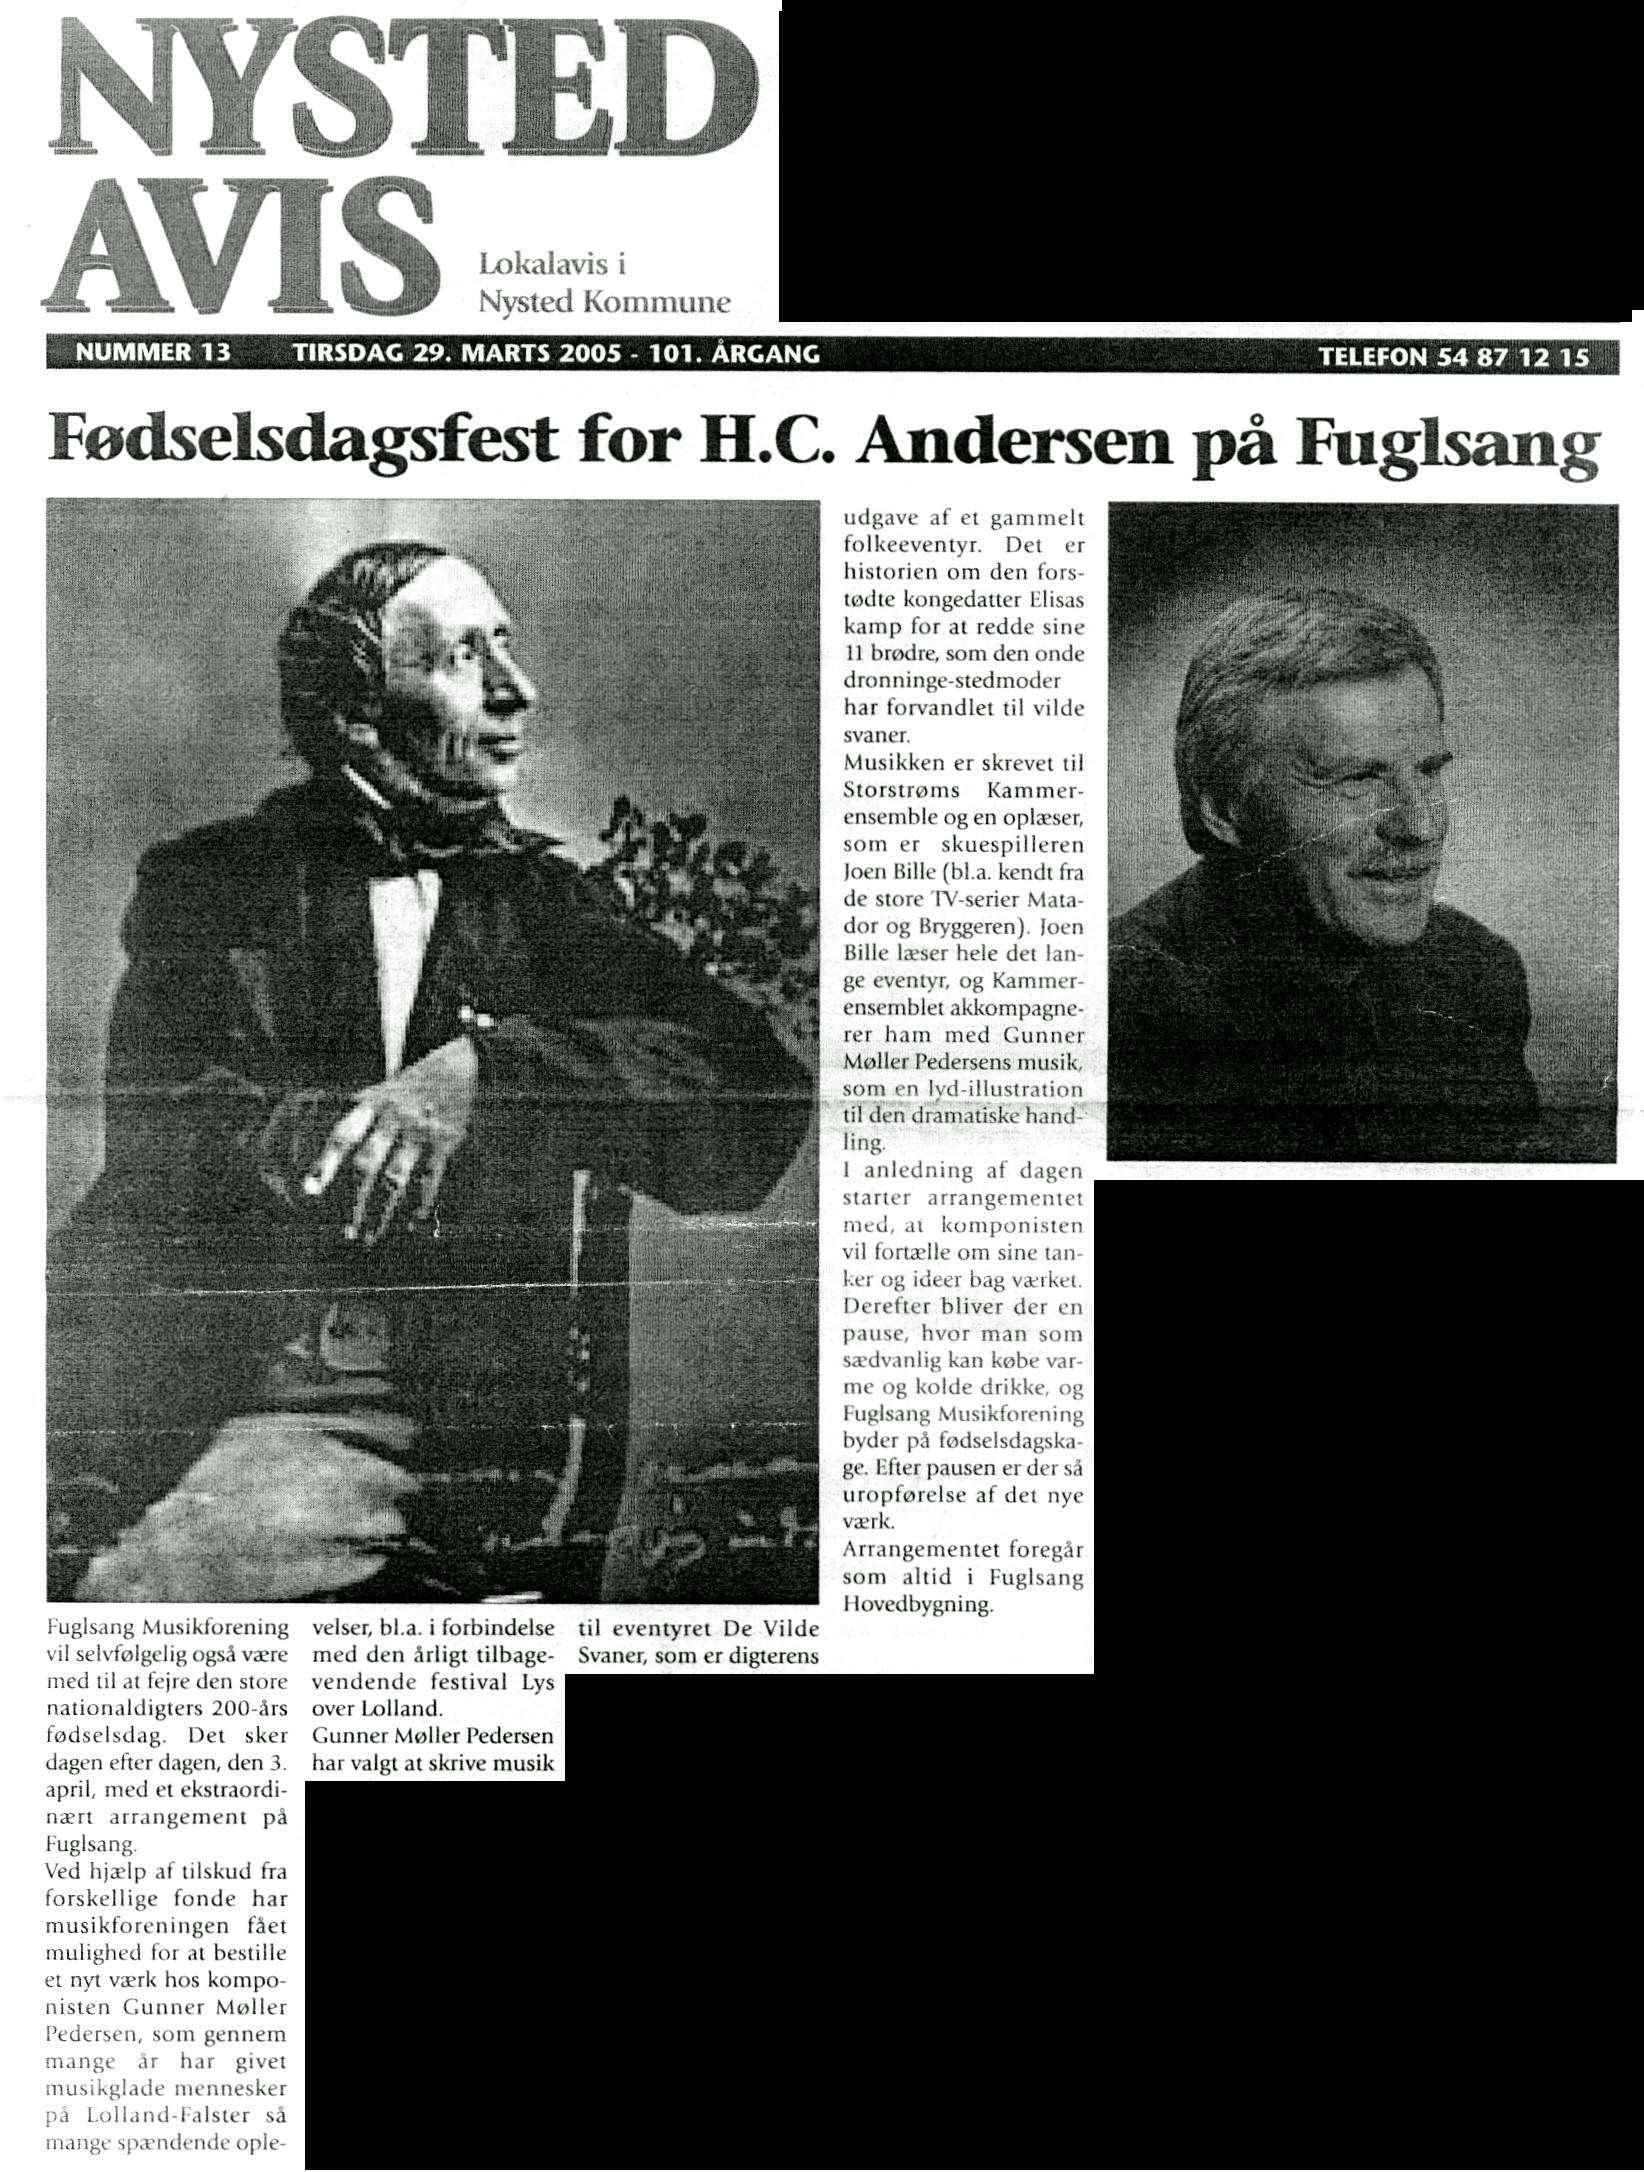 Artikel i Nysted Avis, marts 2005